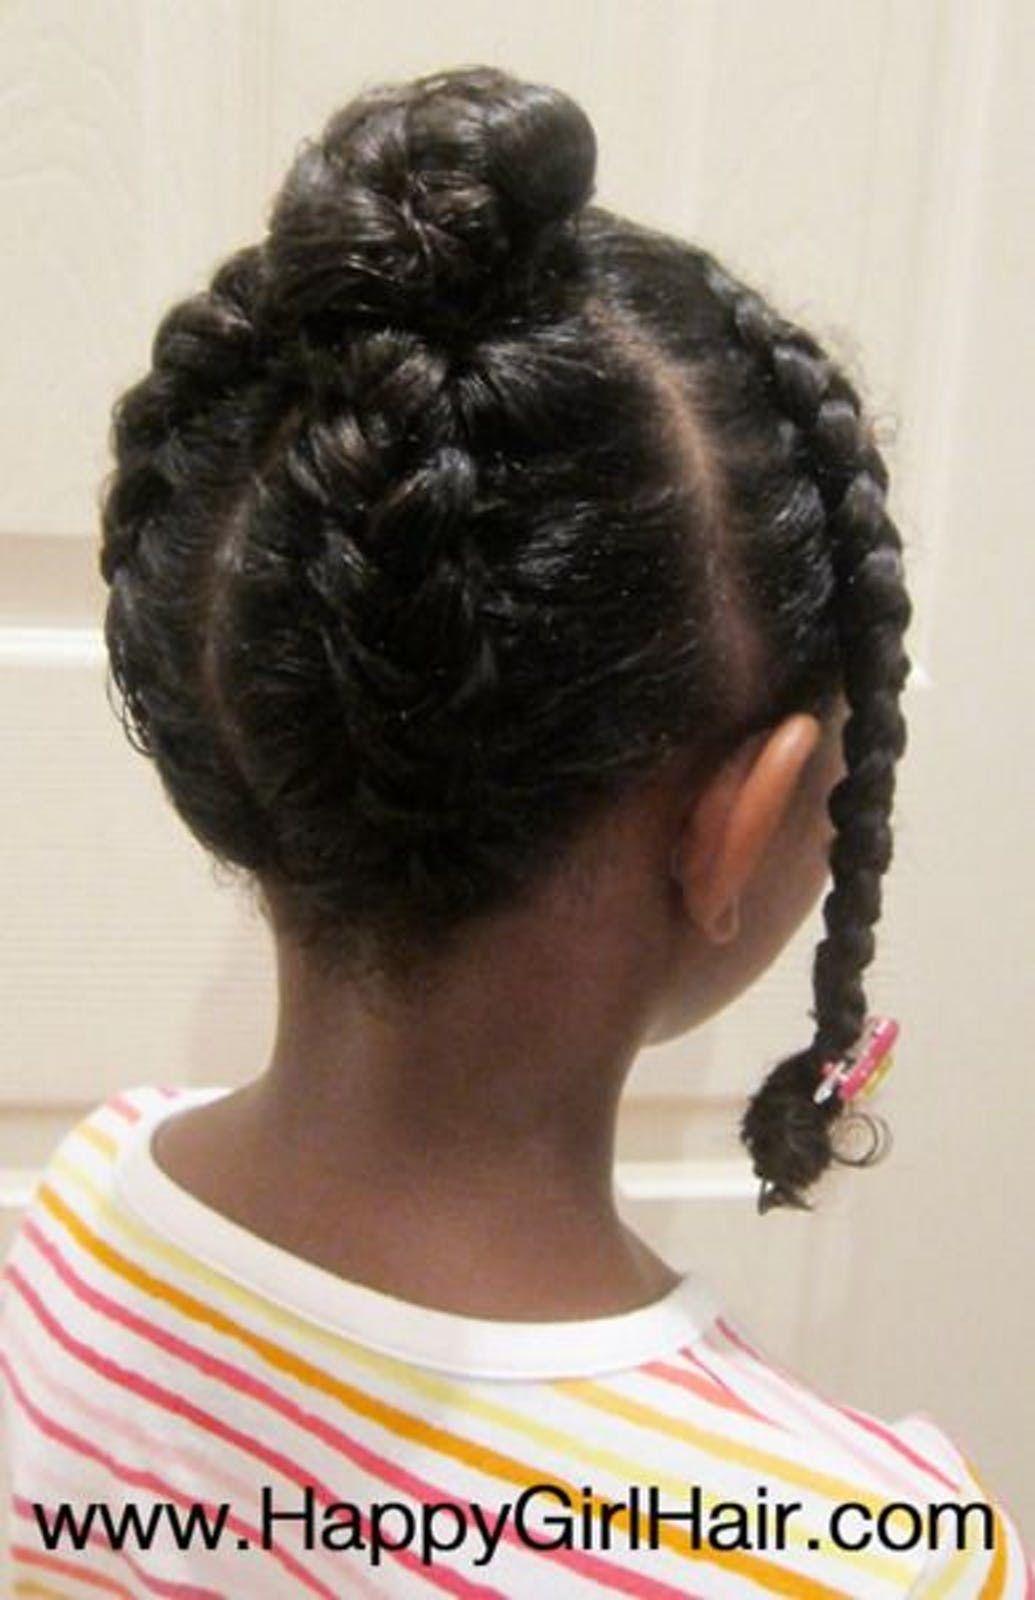 Coiffures enfants des modèles pour cheveux frisés Hair